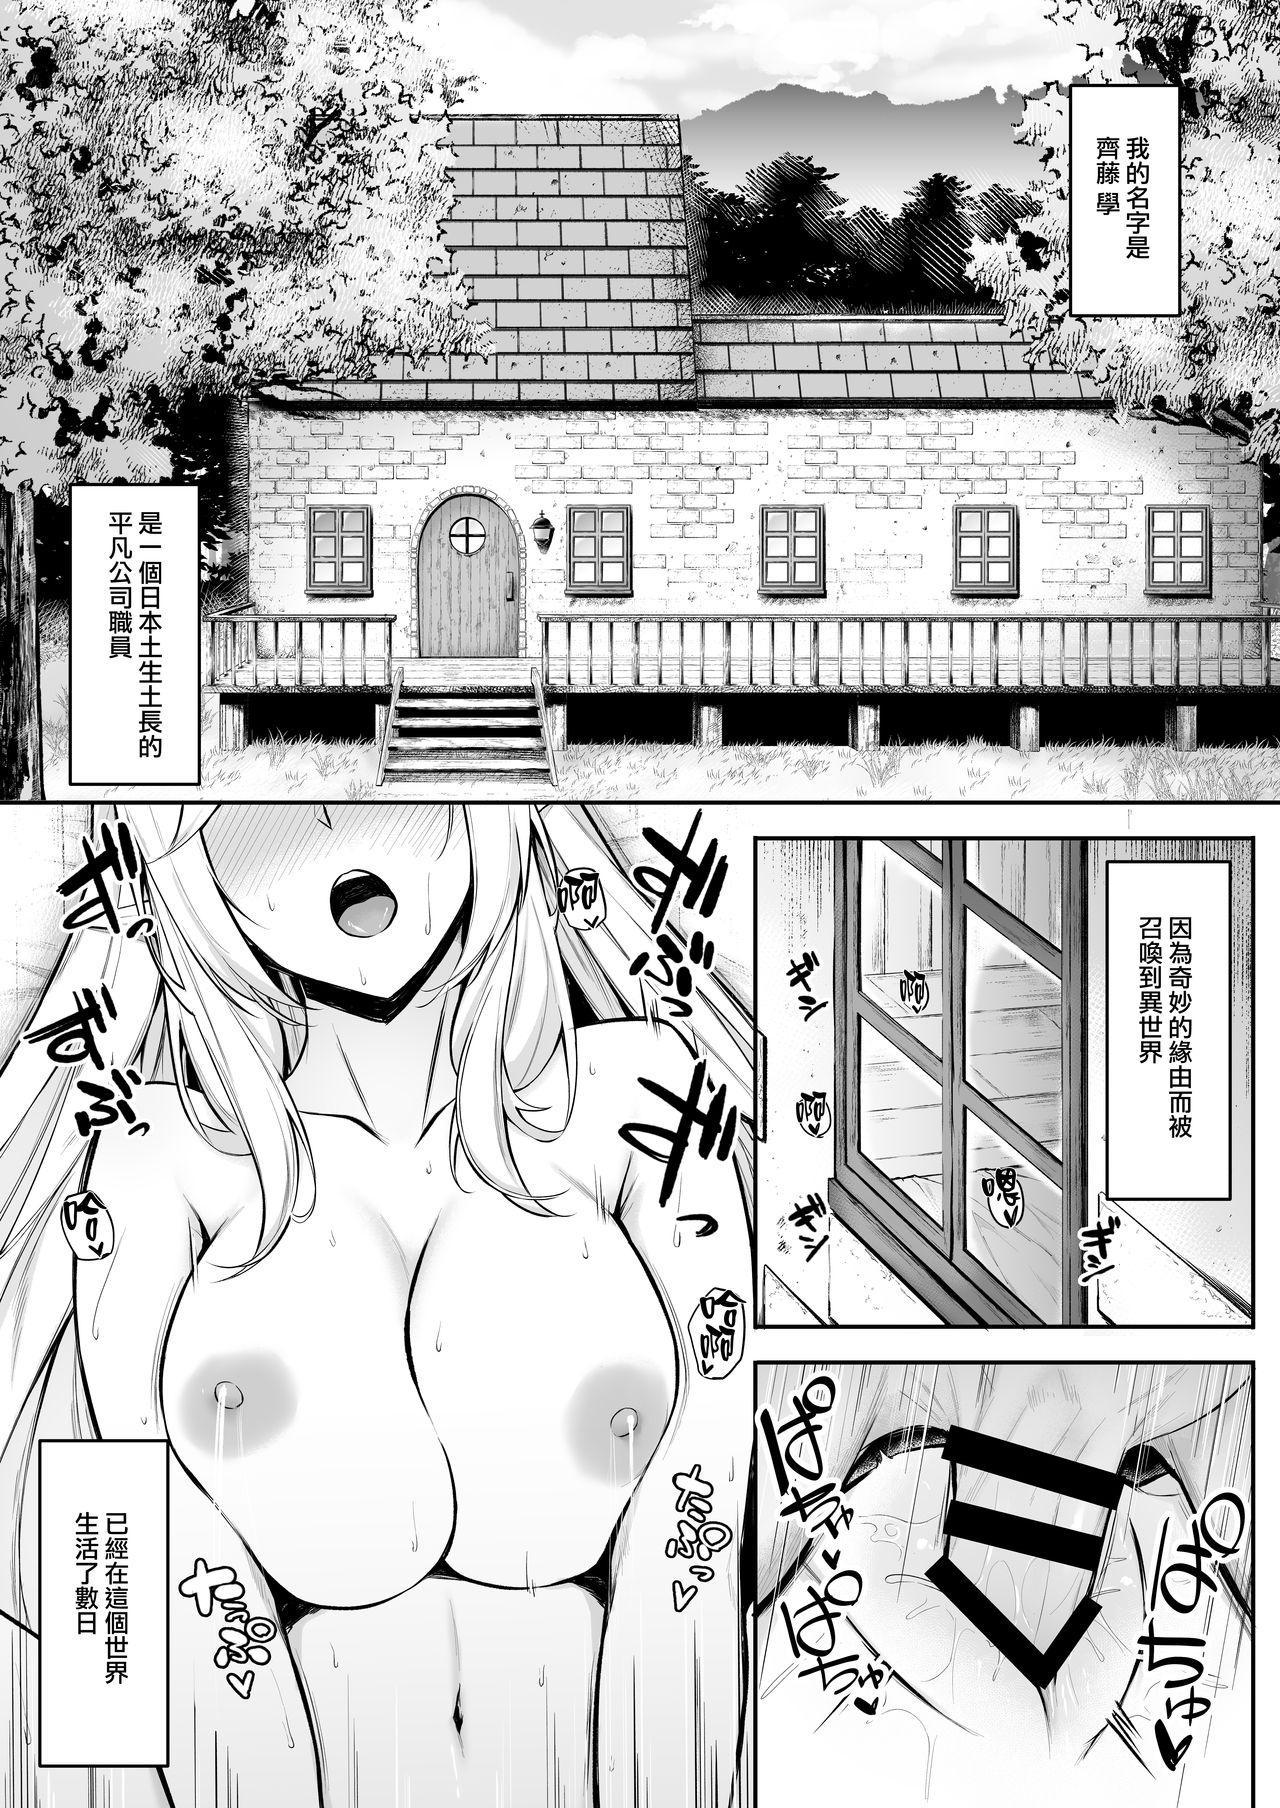 Isekai Shoukan II Elf na Onee-san no Tomodachi wa Suki desu ka? 3